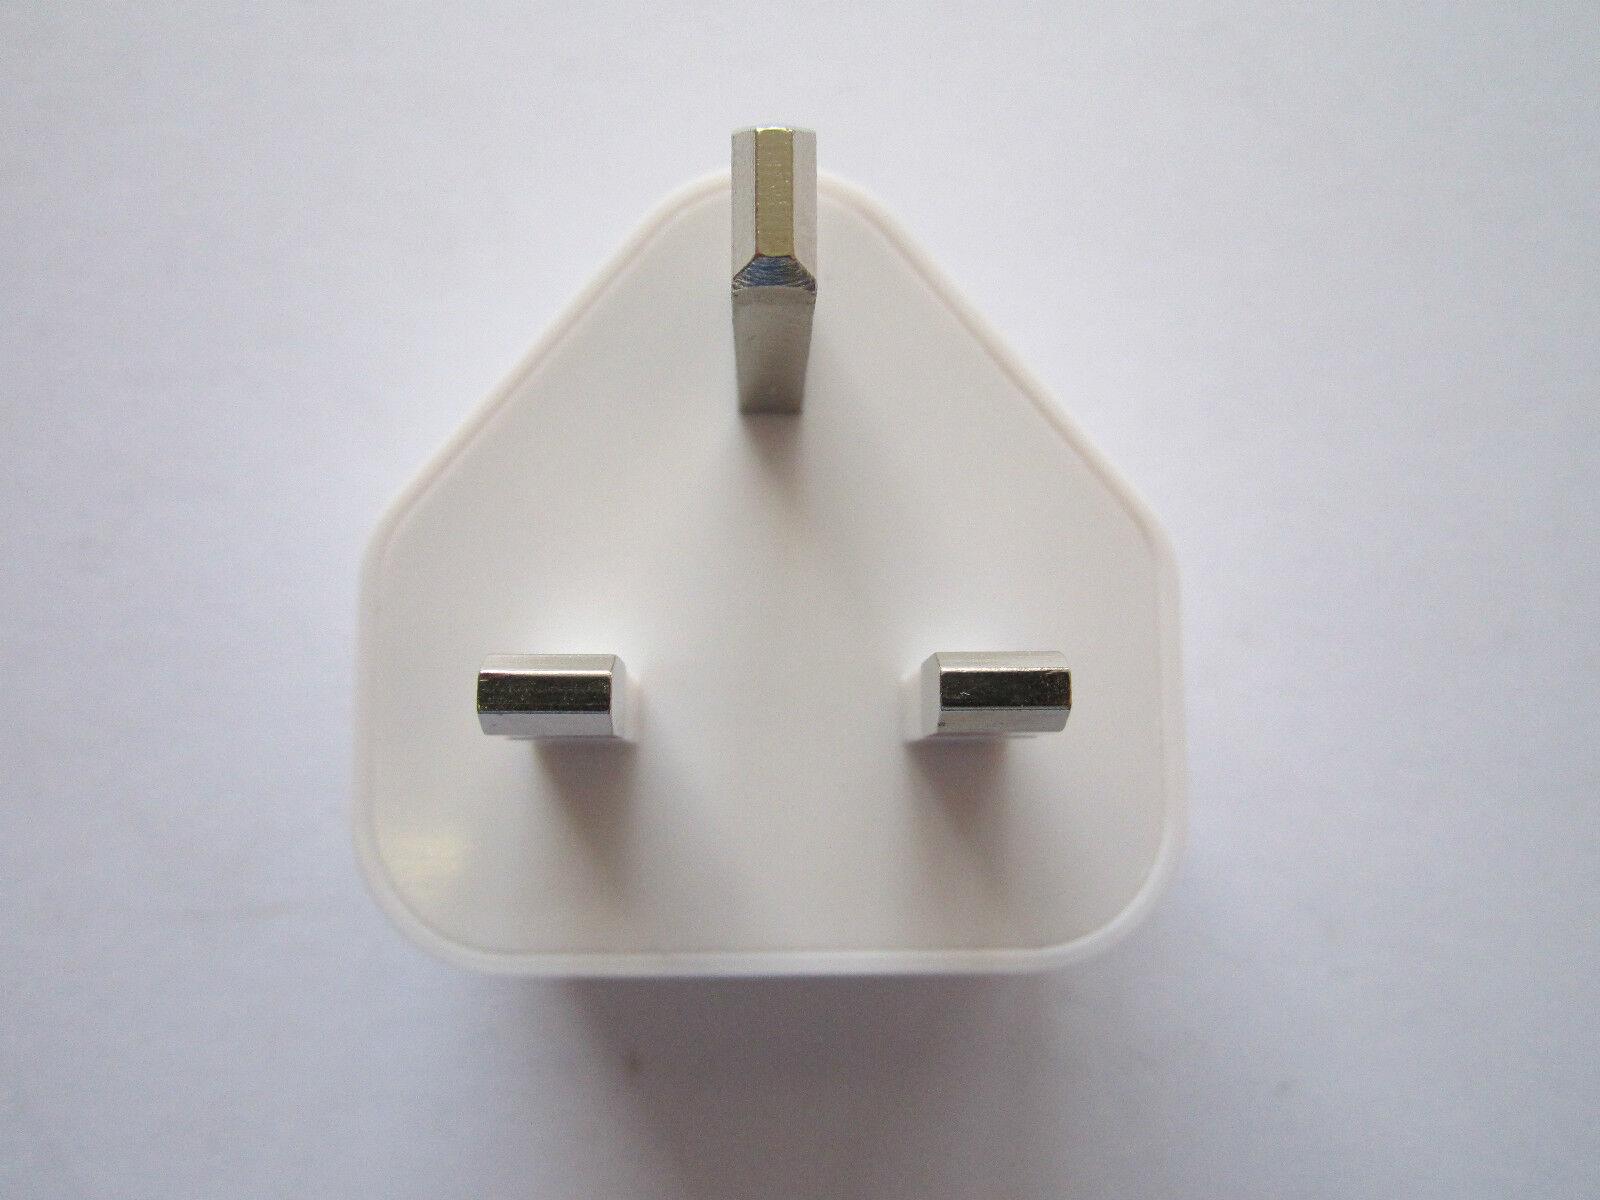 5V 2A 2000mA White Mains Double USB Port Plug LA-520A AC Power Adaptor Charger